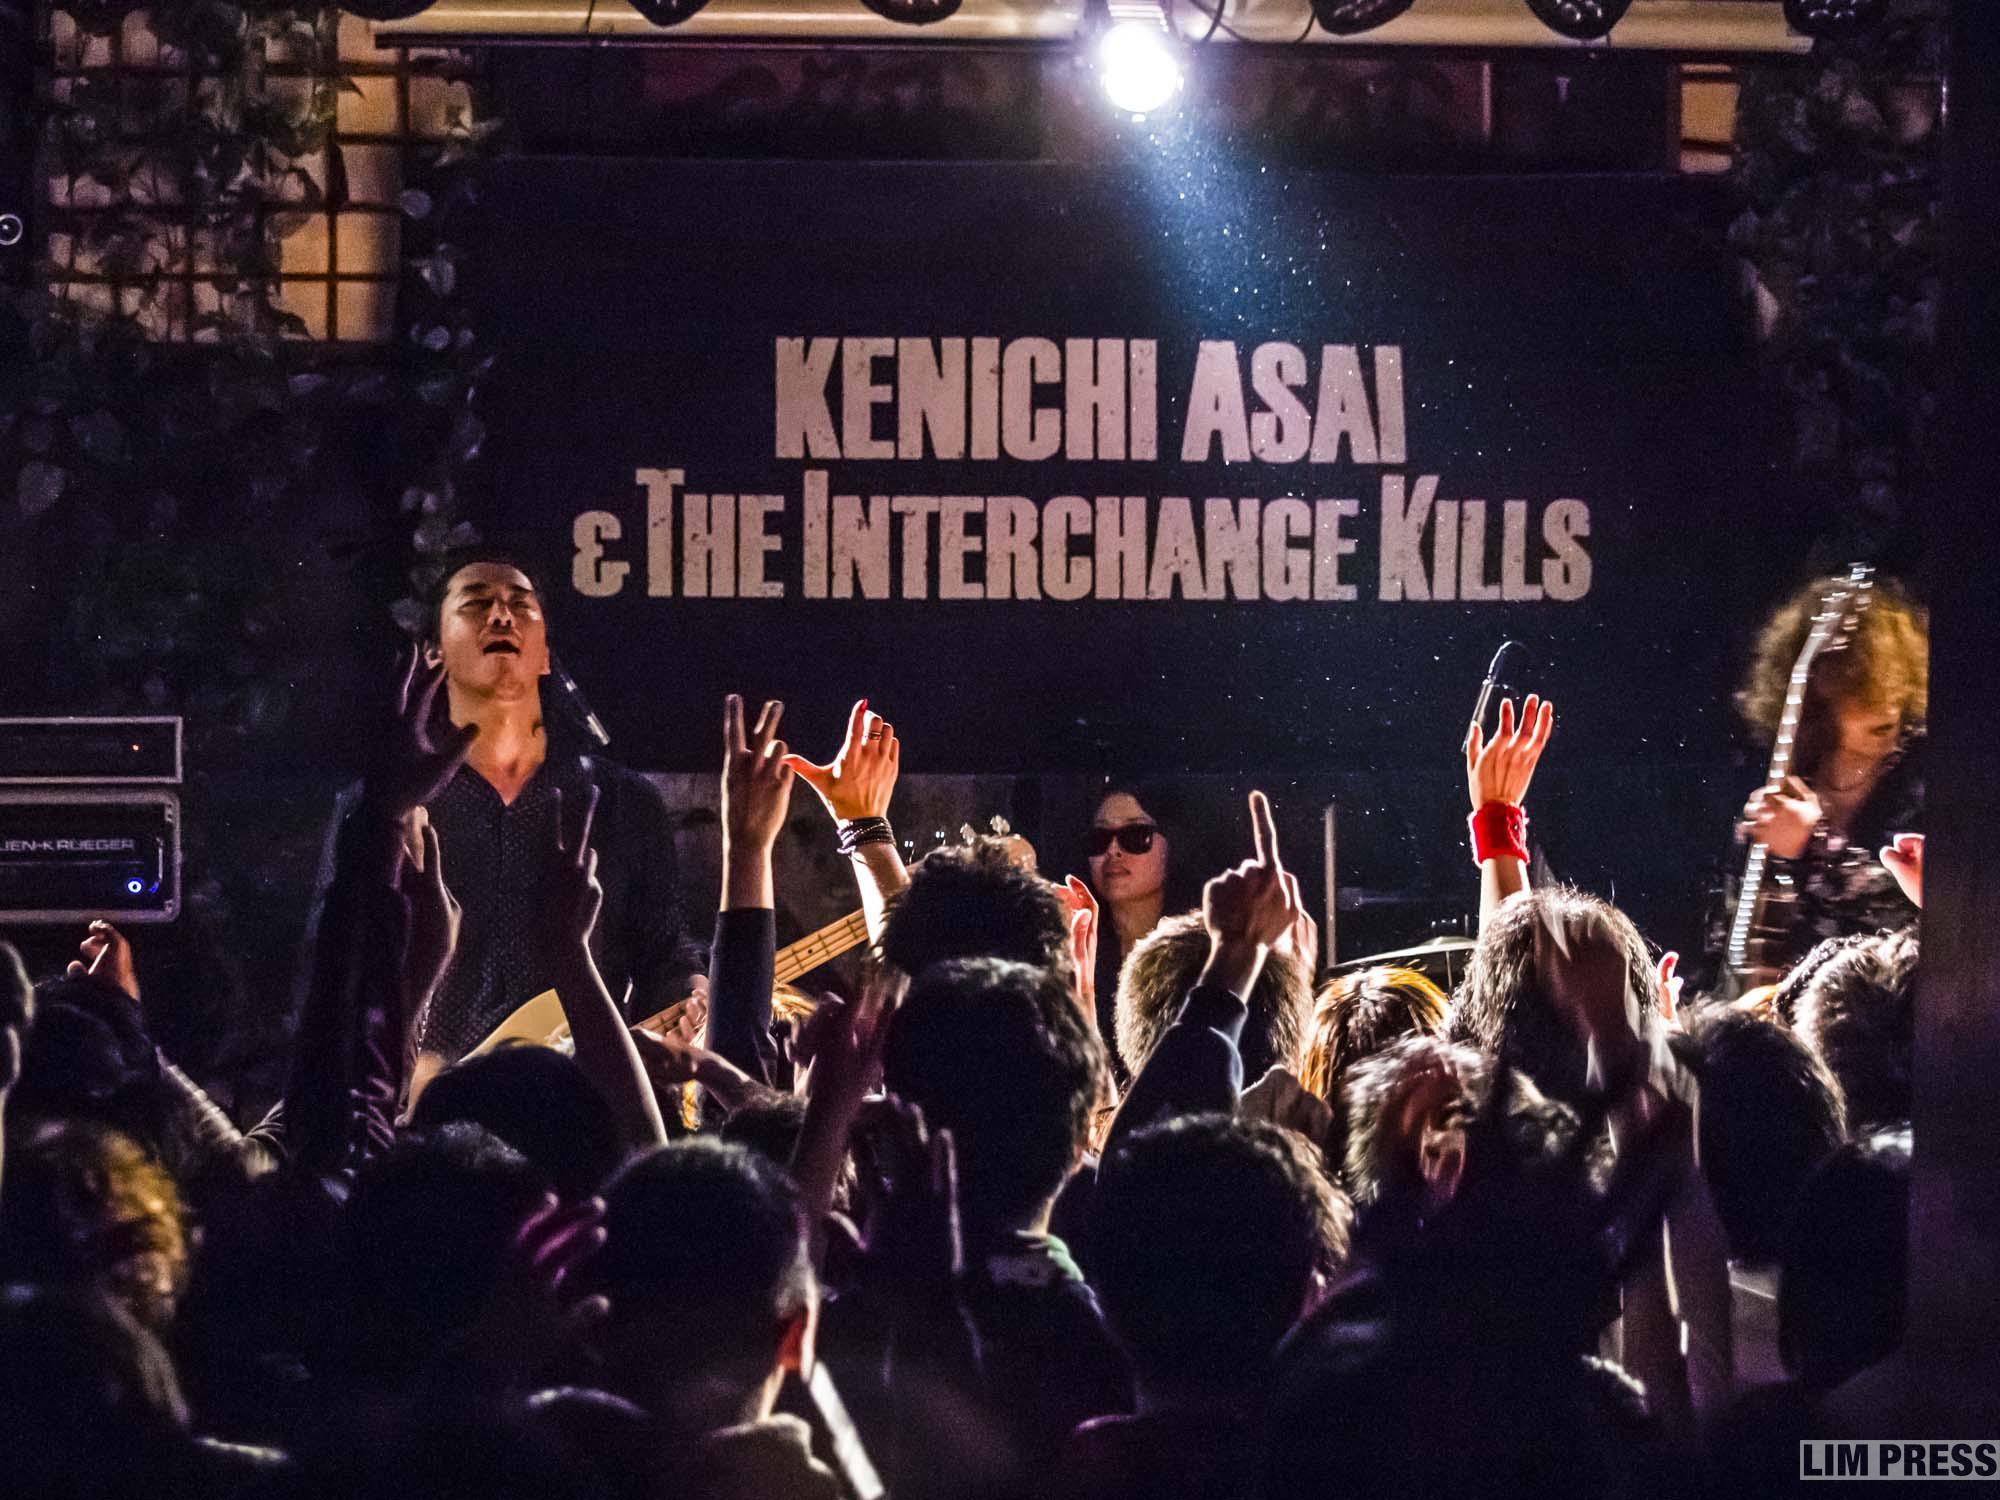 浅井健一& THE INTERCHANGE KILLS  | 京都 磔磔 | 2018.03.24